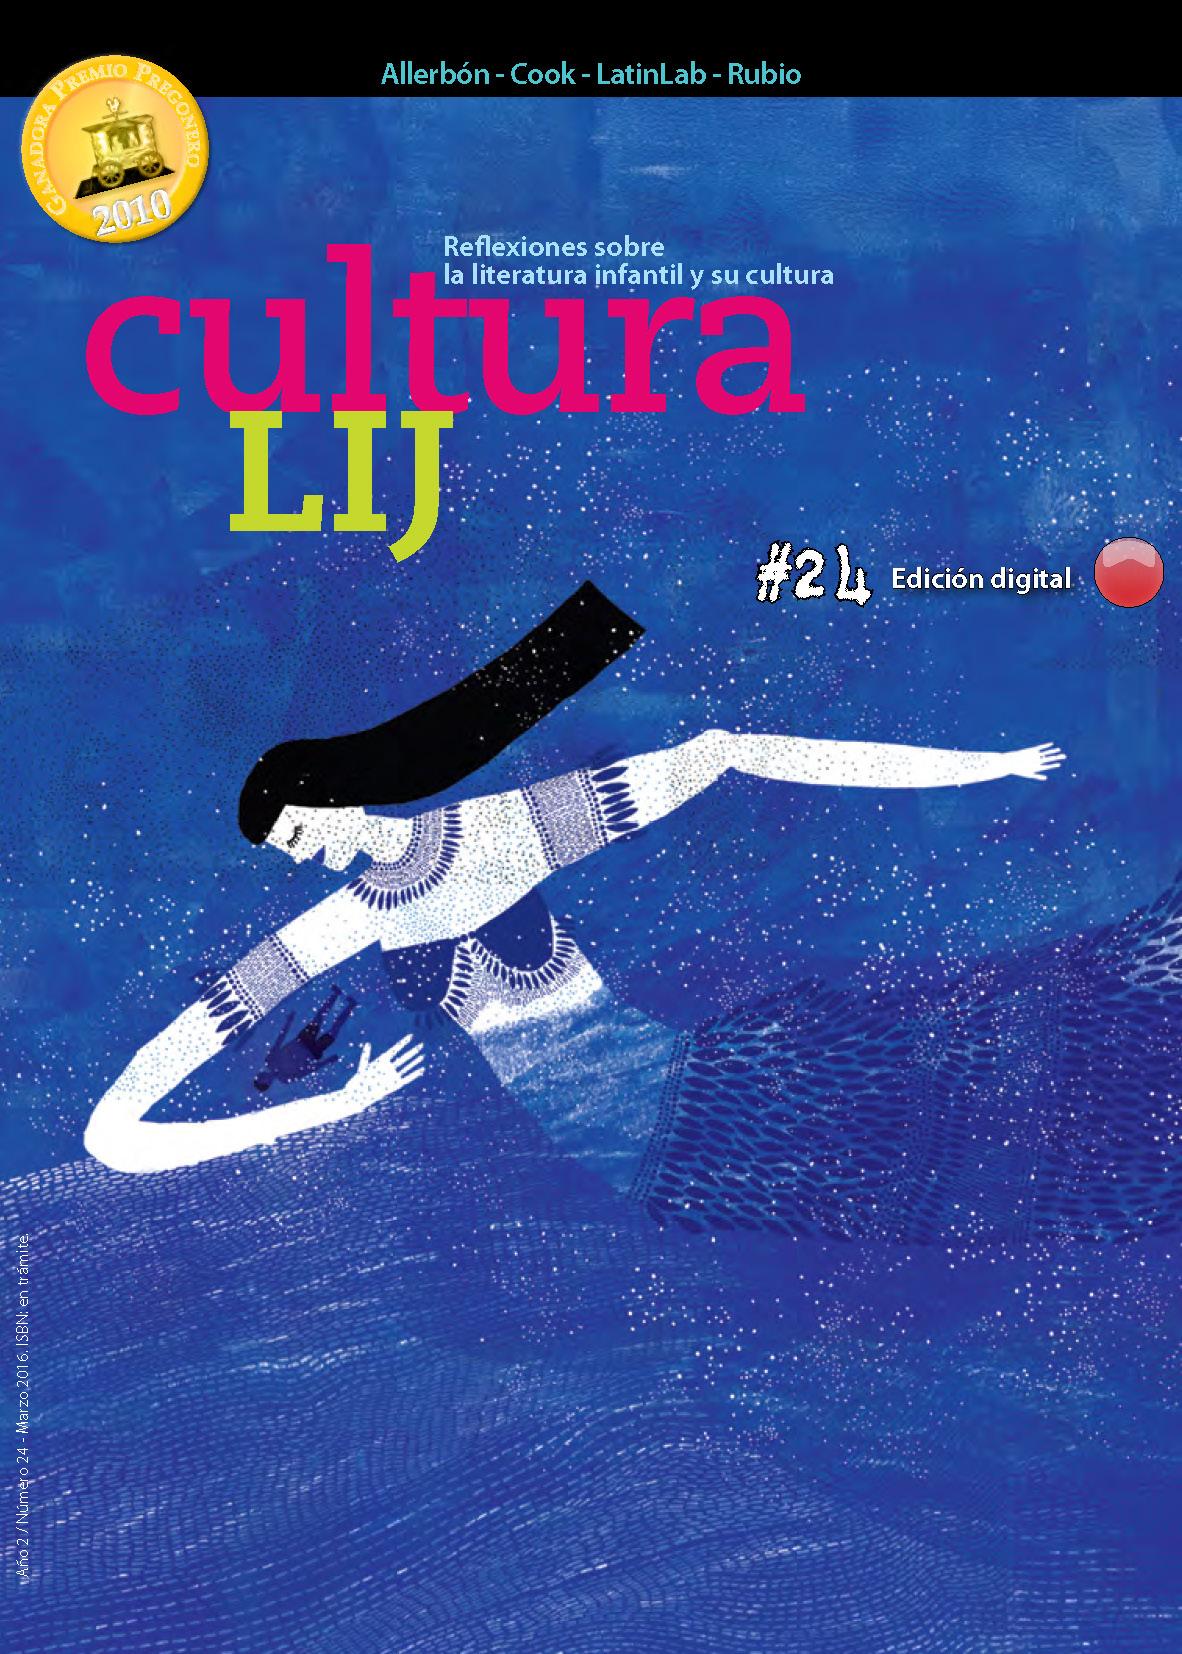 Cultura LIJ Marzo 2014 –Digital